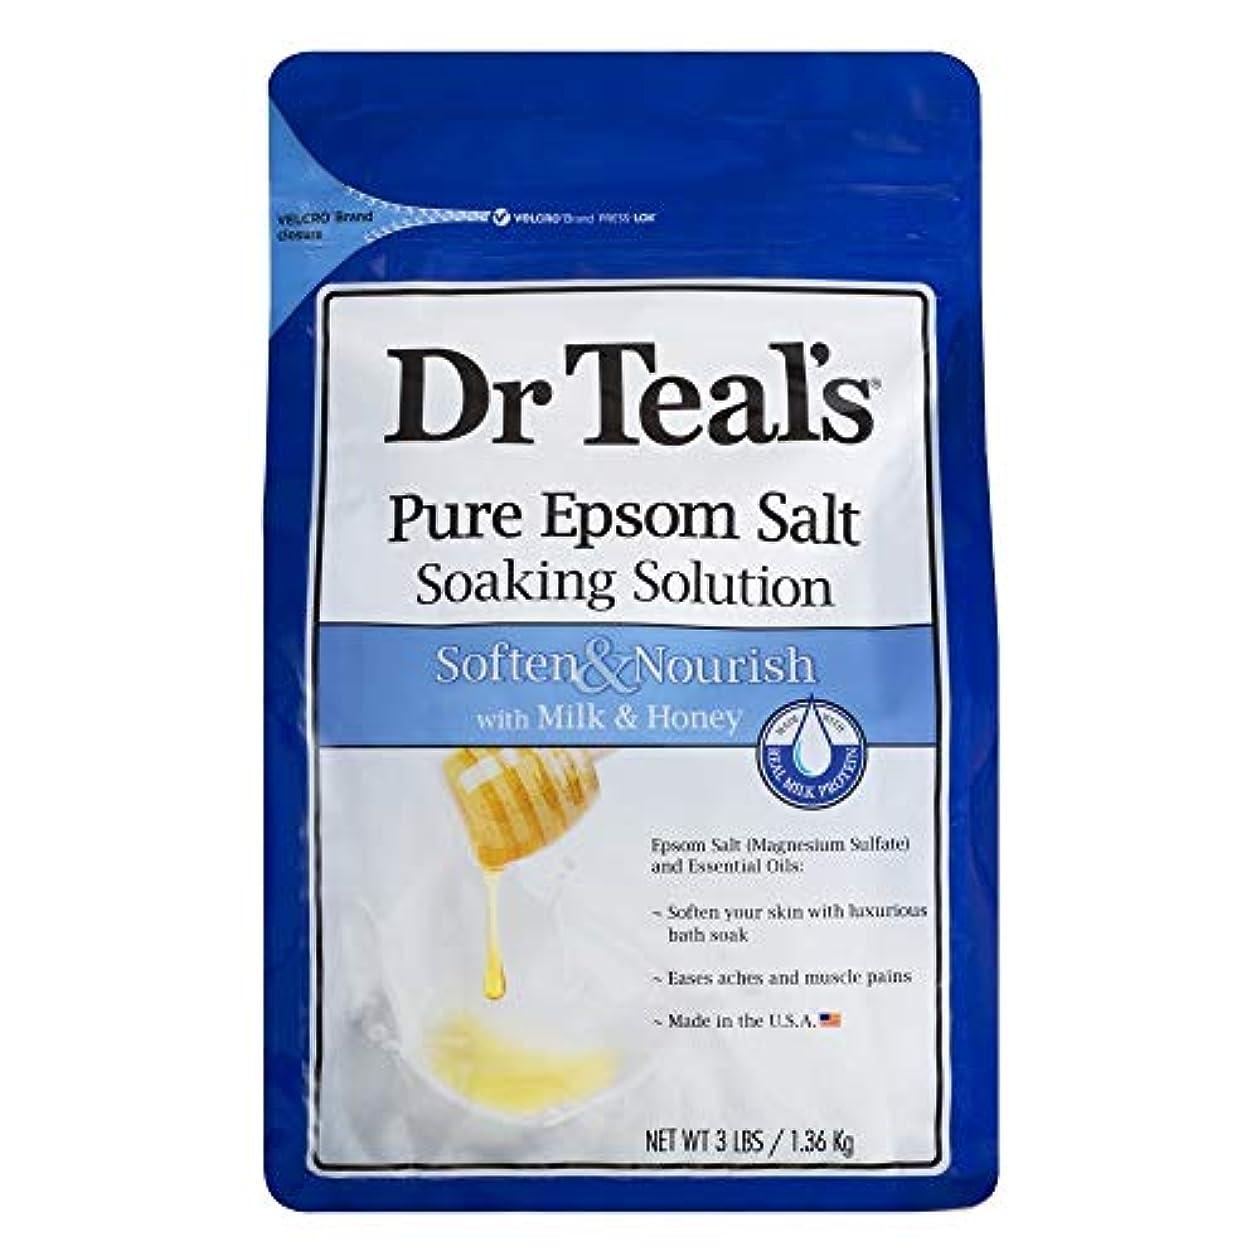 発行不満熱帯のDr Teal's Epsom Salt Soaking Solution, Soften & Nourish, Milk and Honey, 3lbs